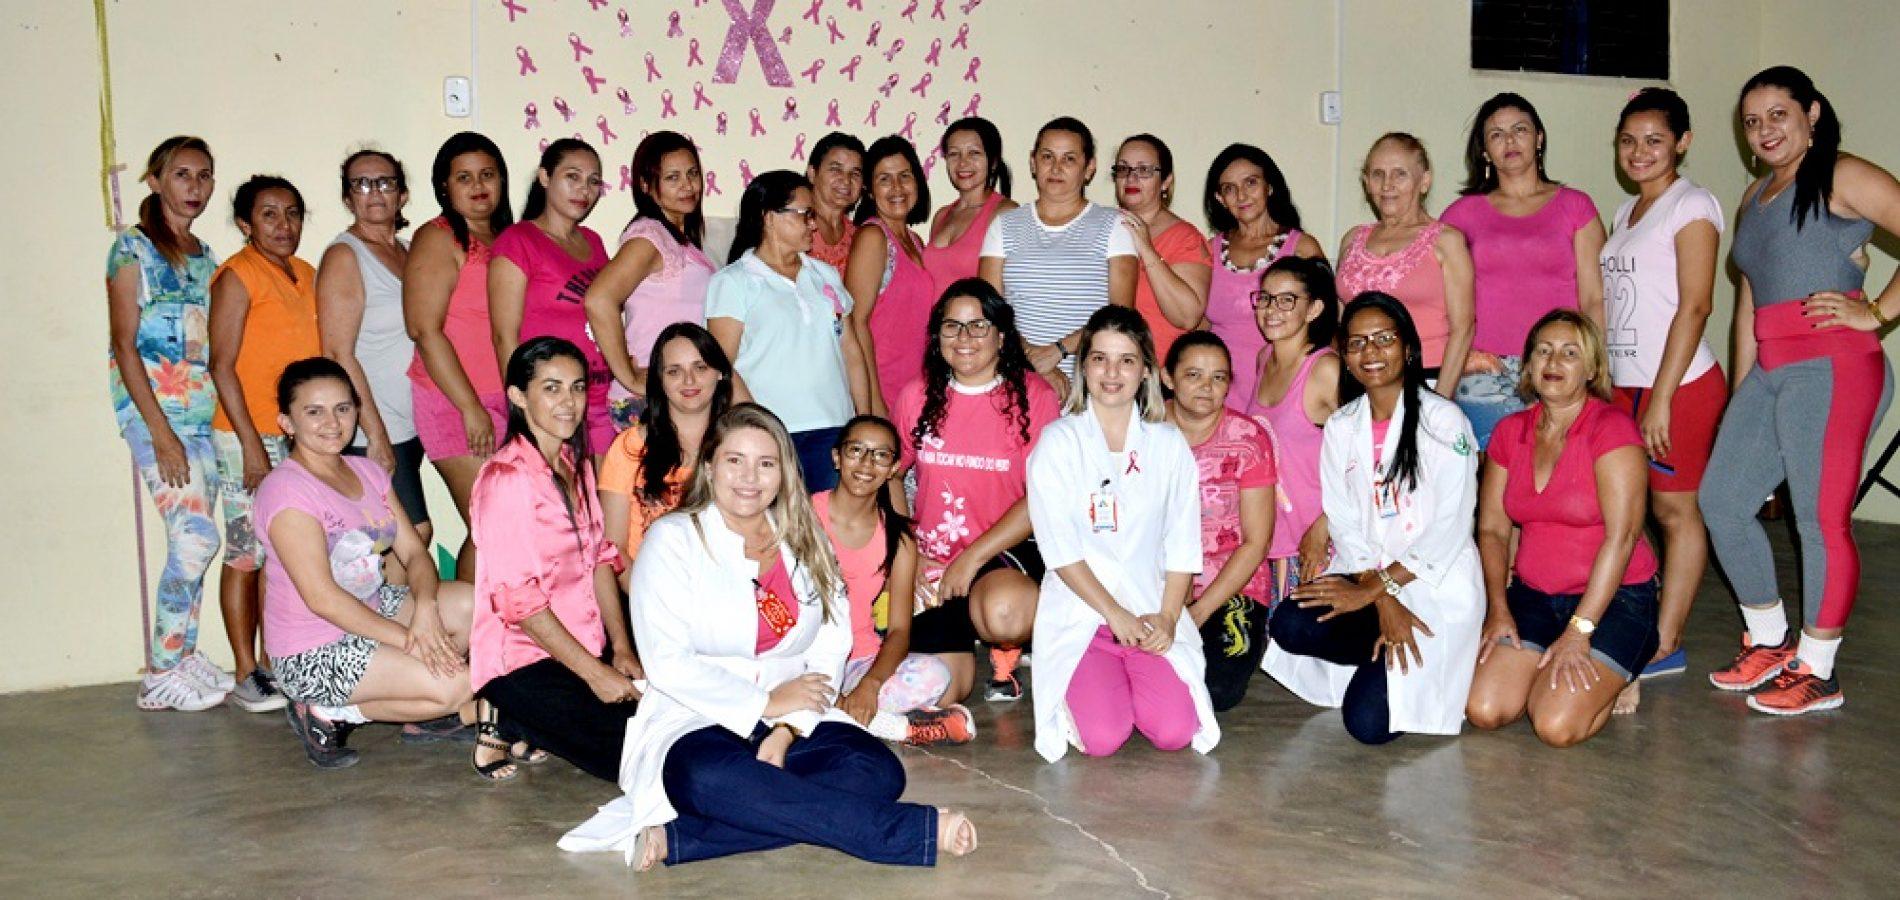 Saúde e NASF promovem ações do 'Outubro Rosa' em Vila Nova do Piauí; veja fotos